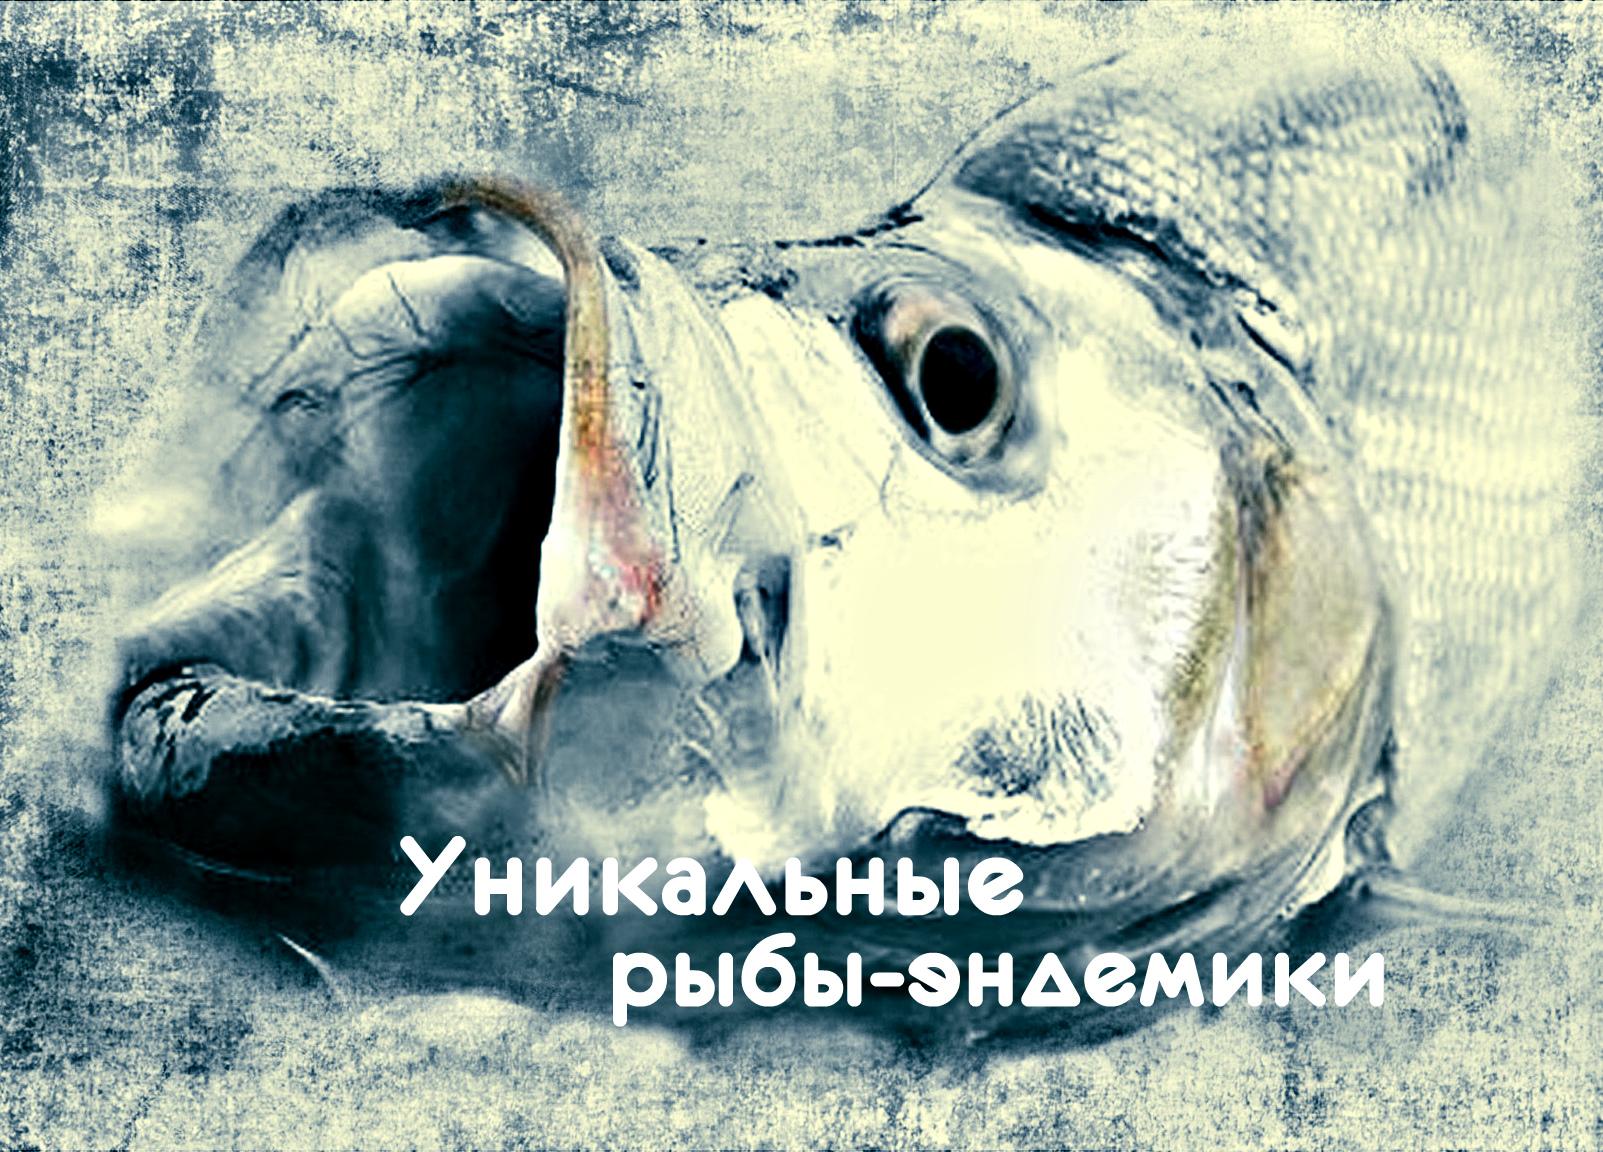 Уникальные Рыбы-Эндемики